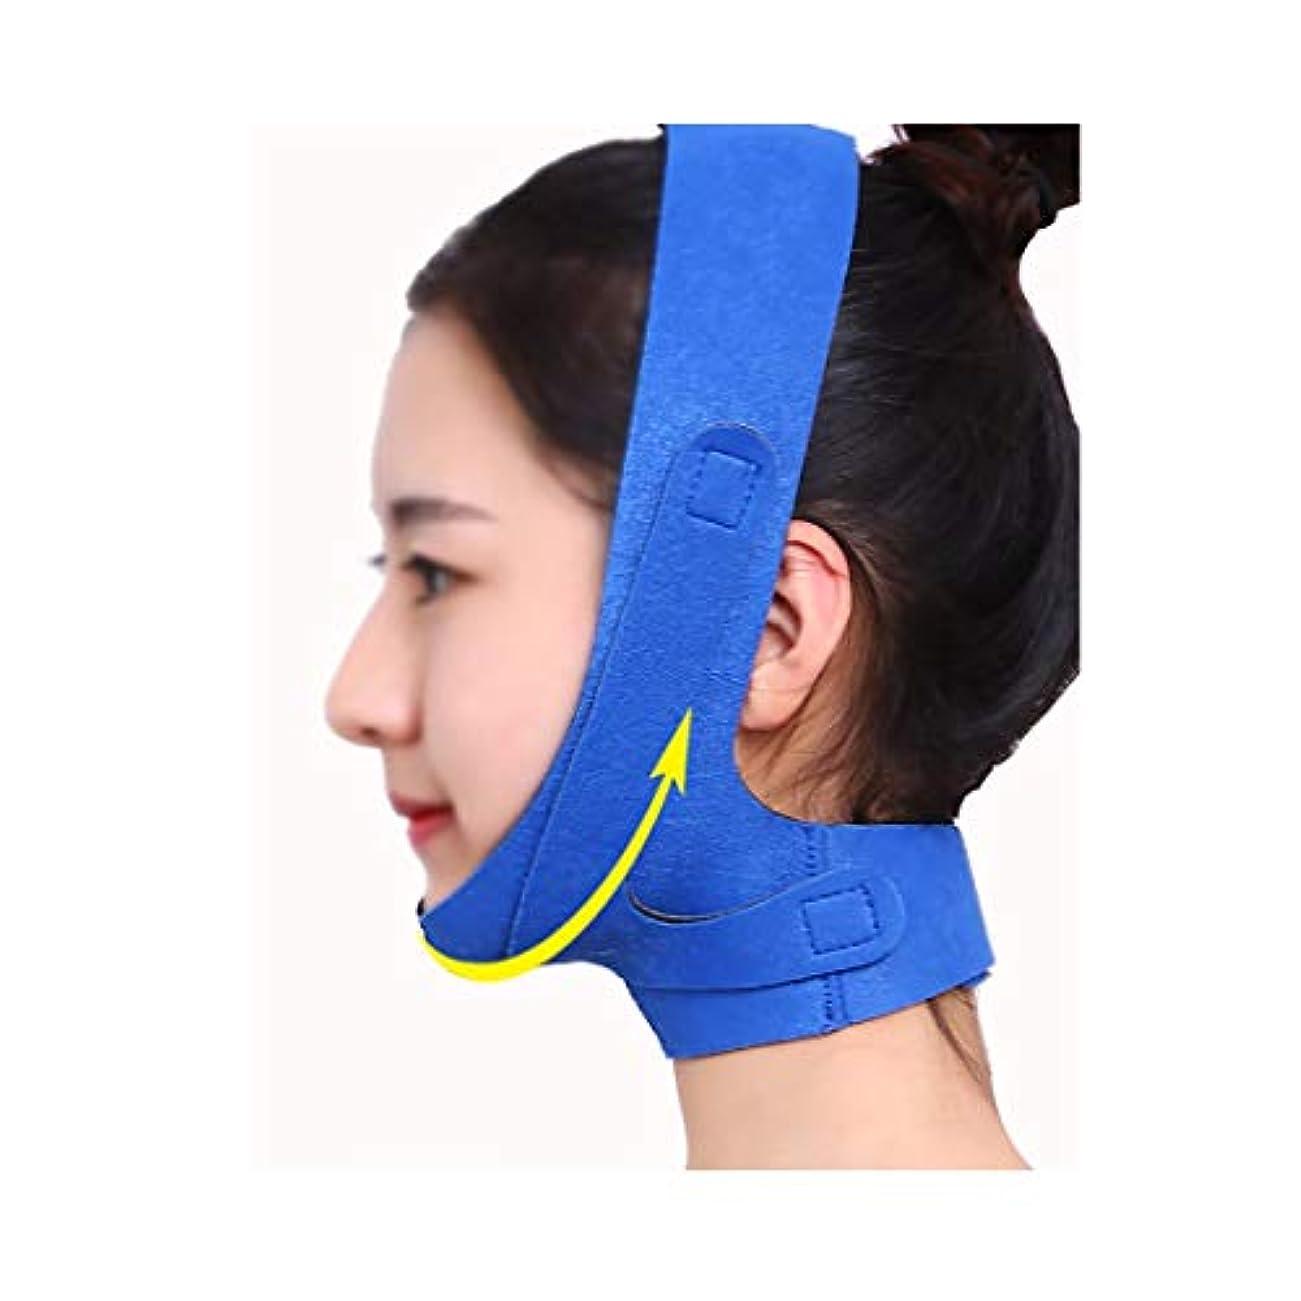 落ち着いてディレイ最少フェイスリフトマスク、あごストラップ回復包帯睡眠薄いフェイス包帯薄いフェイスマスクフェイスリフトアーチファクトフェイスリフトで小さなV顔を強化する美容マスク包帯ブルーフェイスマスク